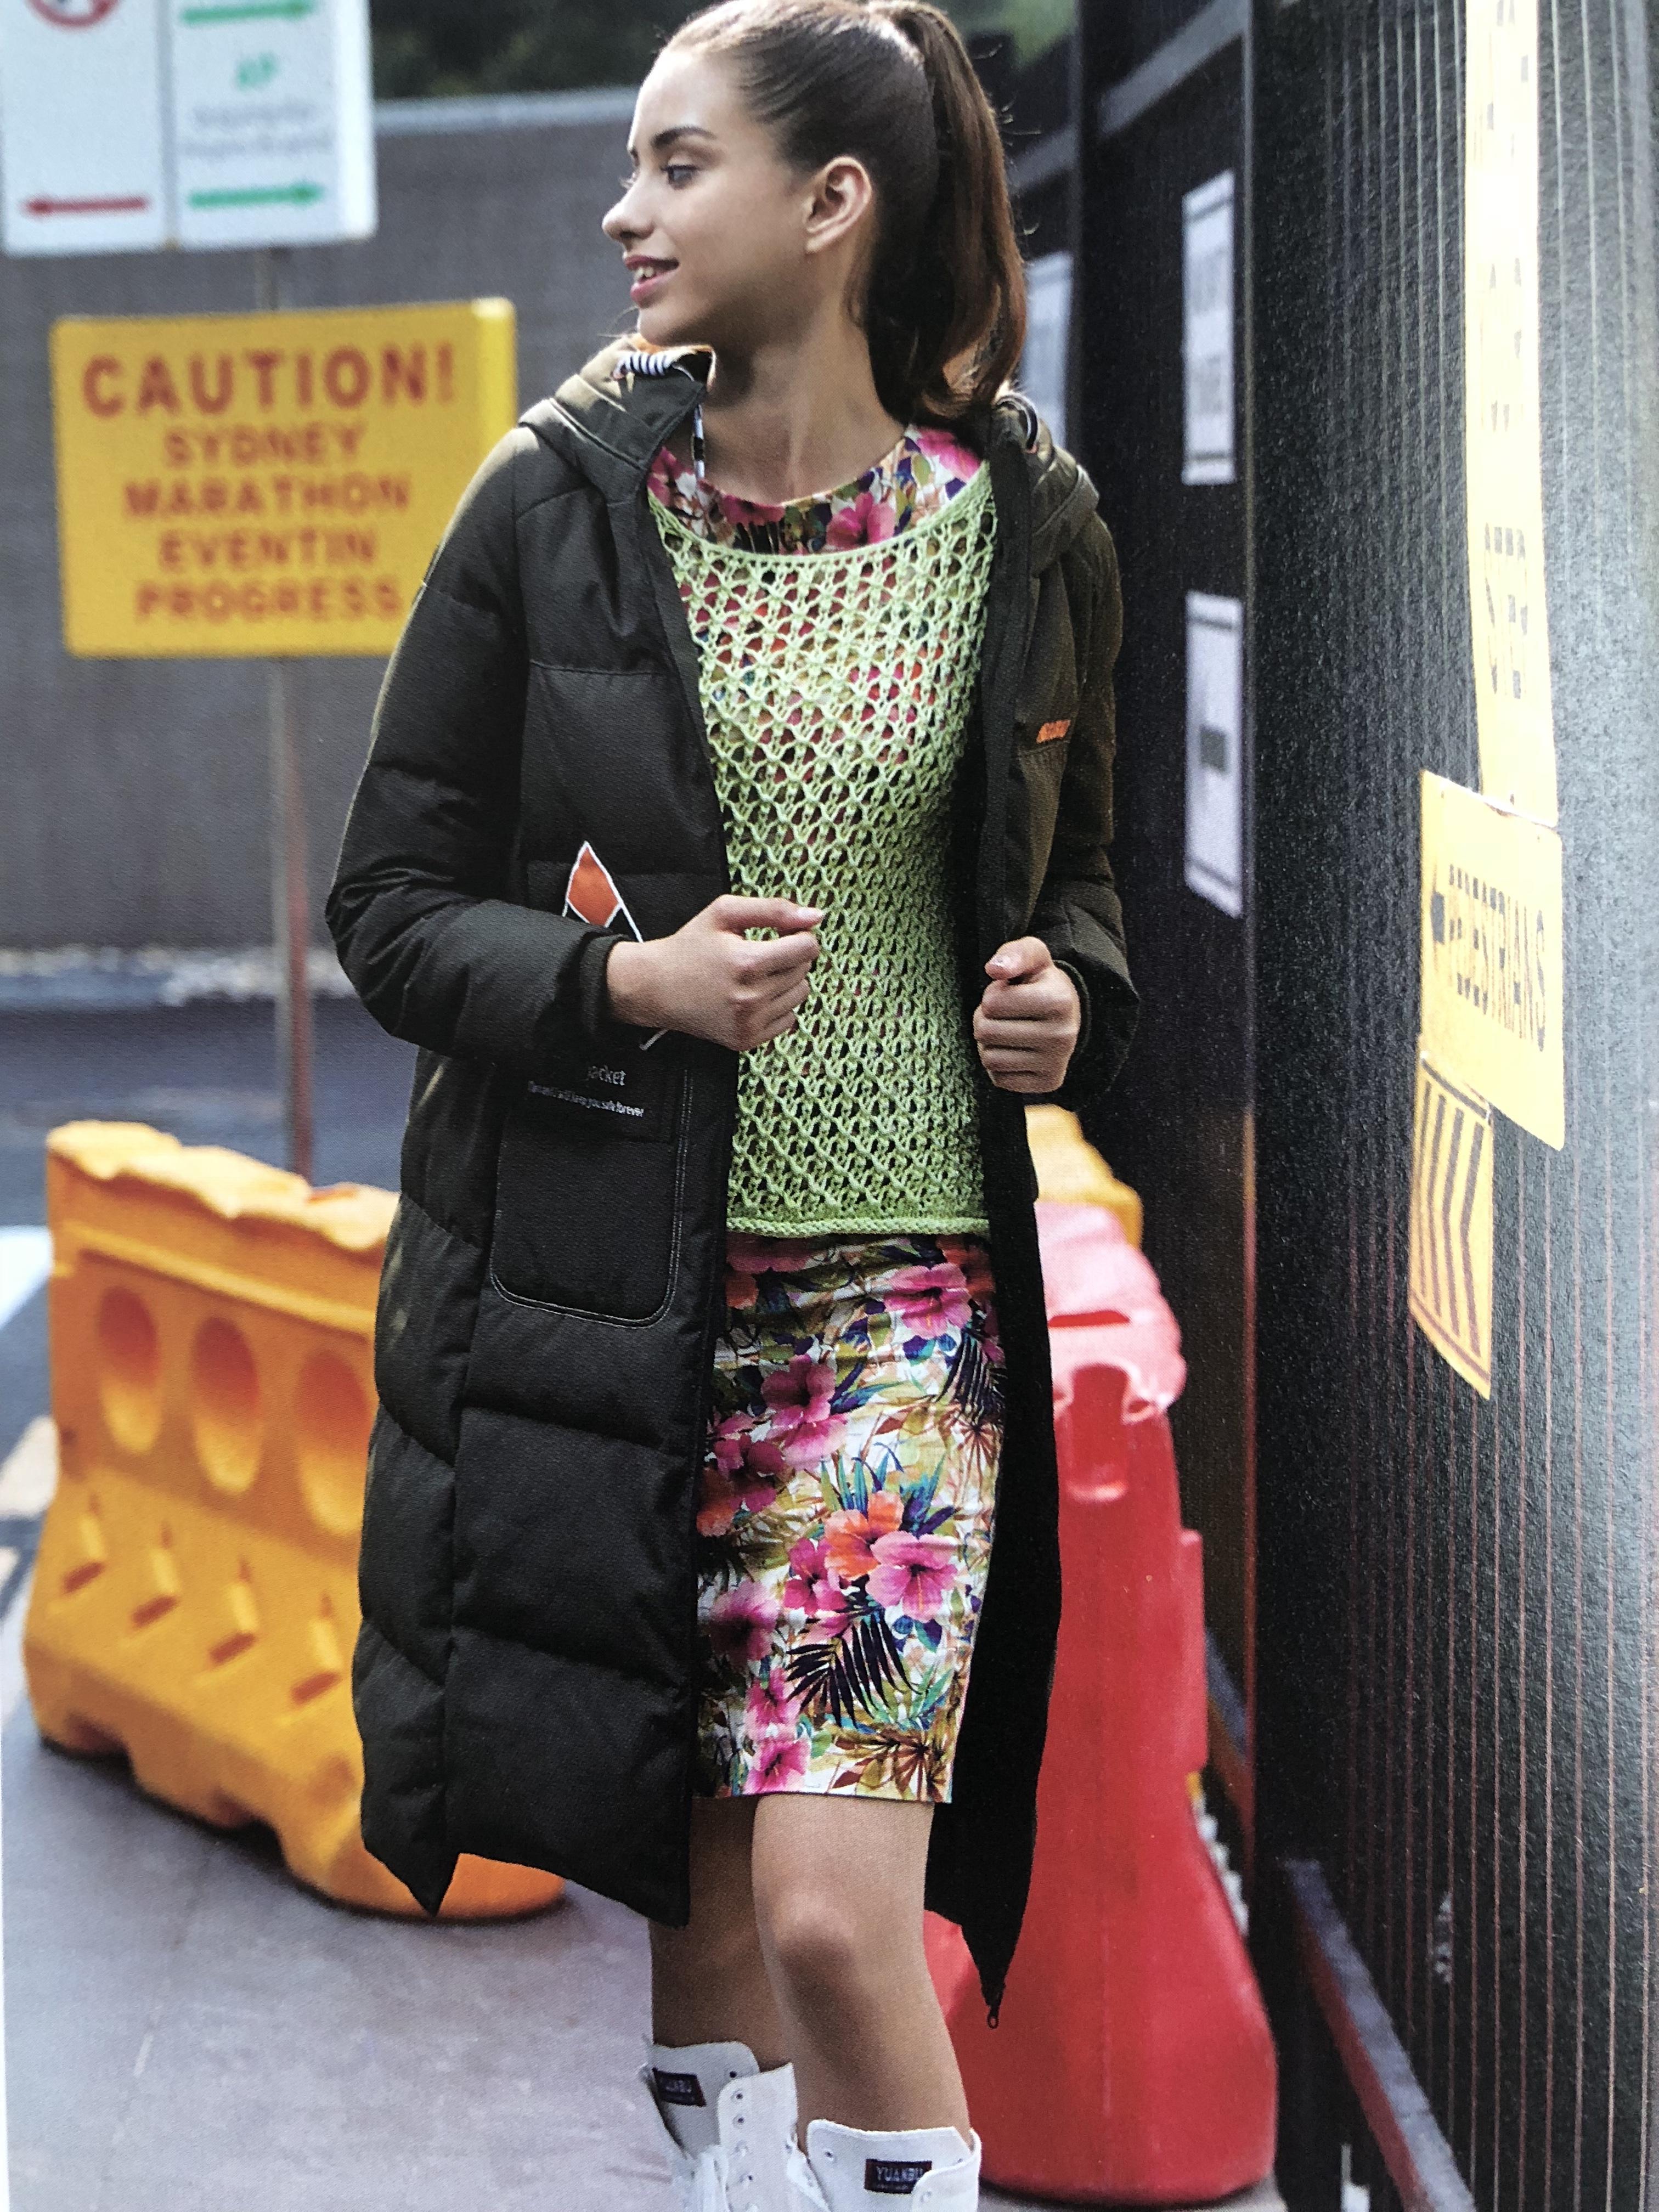 上海品牌才子佳人羽绒服品牌女装批发货源 上海品牌女装